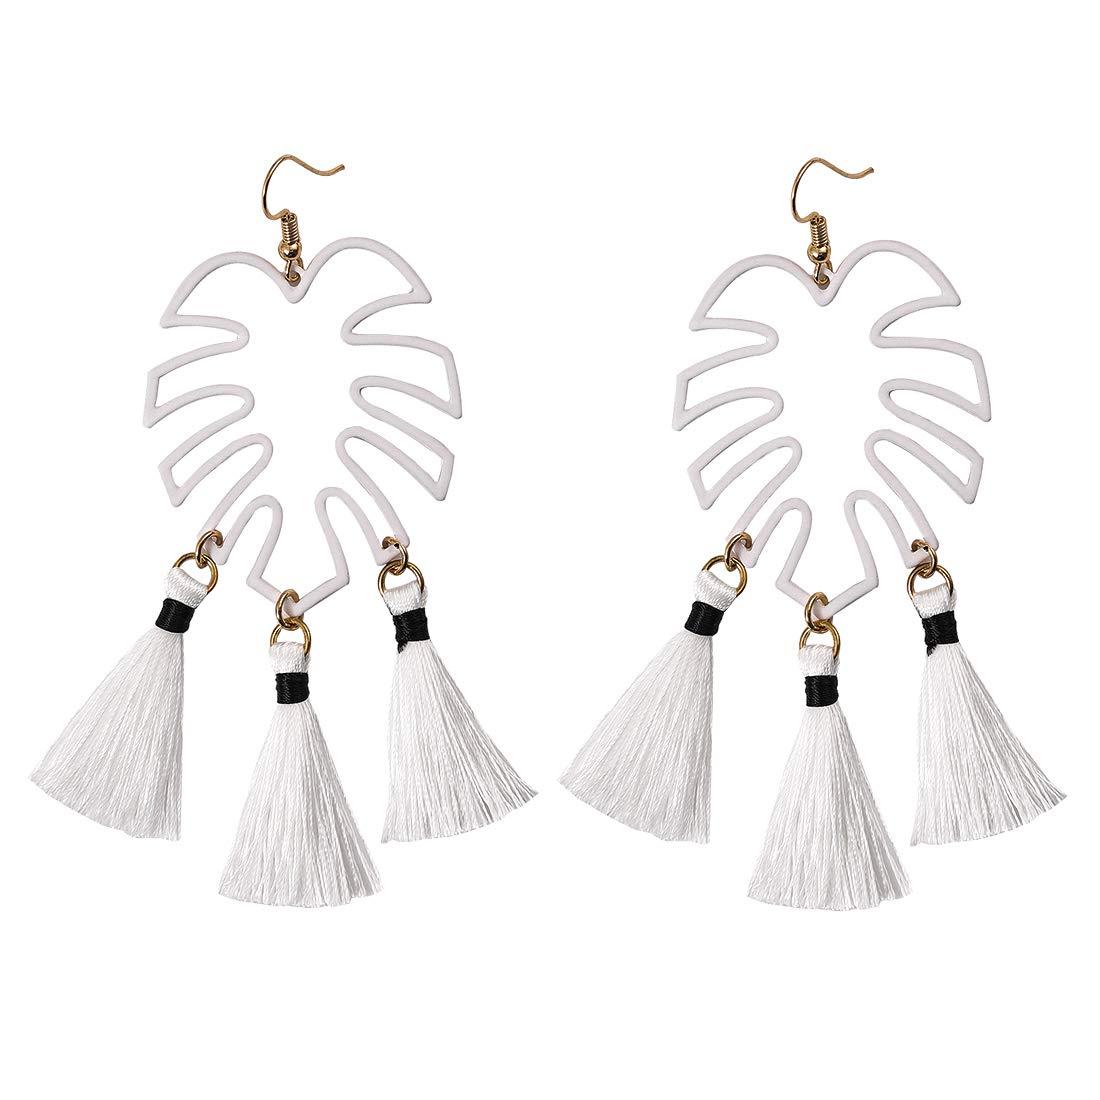 PHALIN JEWELRY Tassel Earrings Boho Fringe Chandelier Thread Dangle Earrings Tropical Leaf Drop Earrings for Women Girls